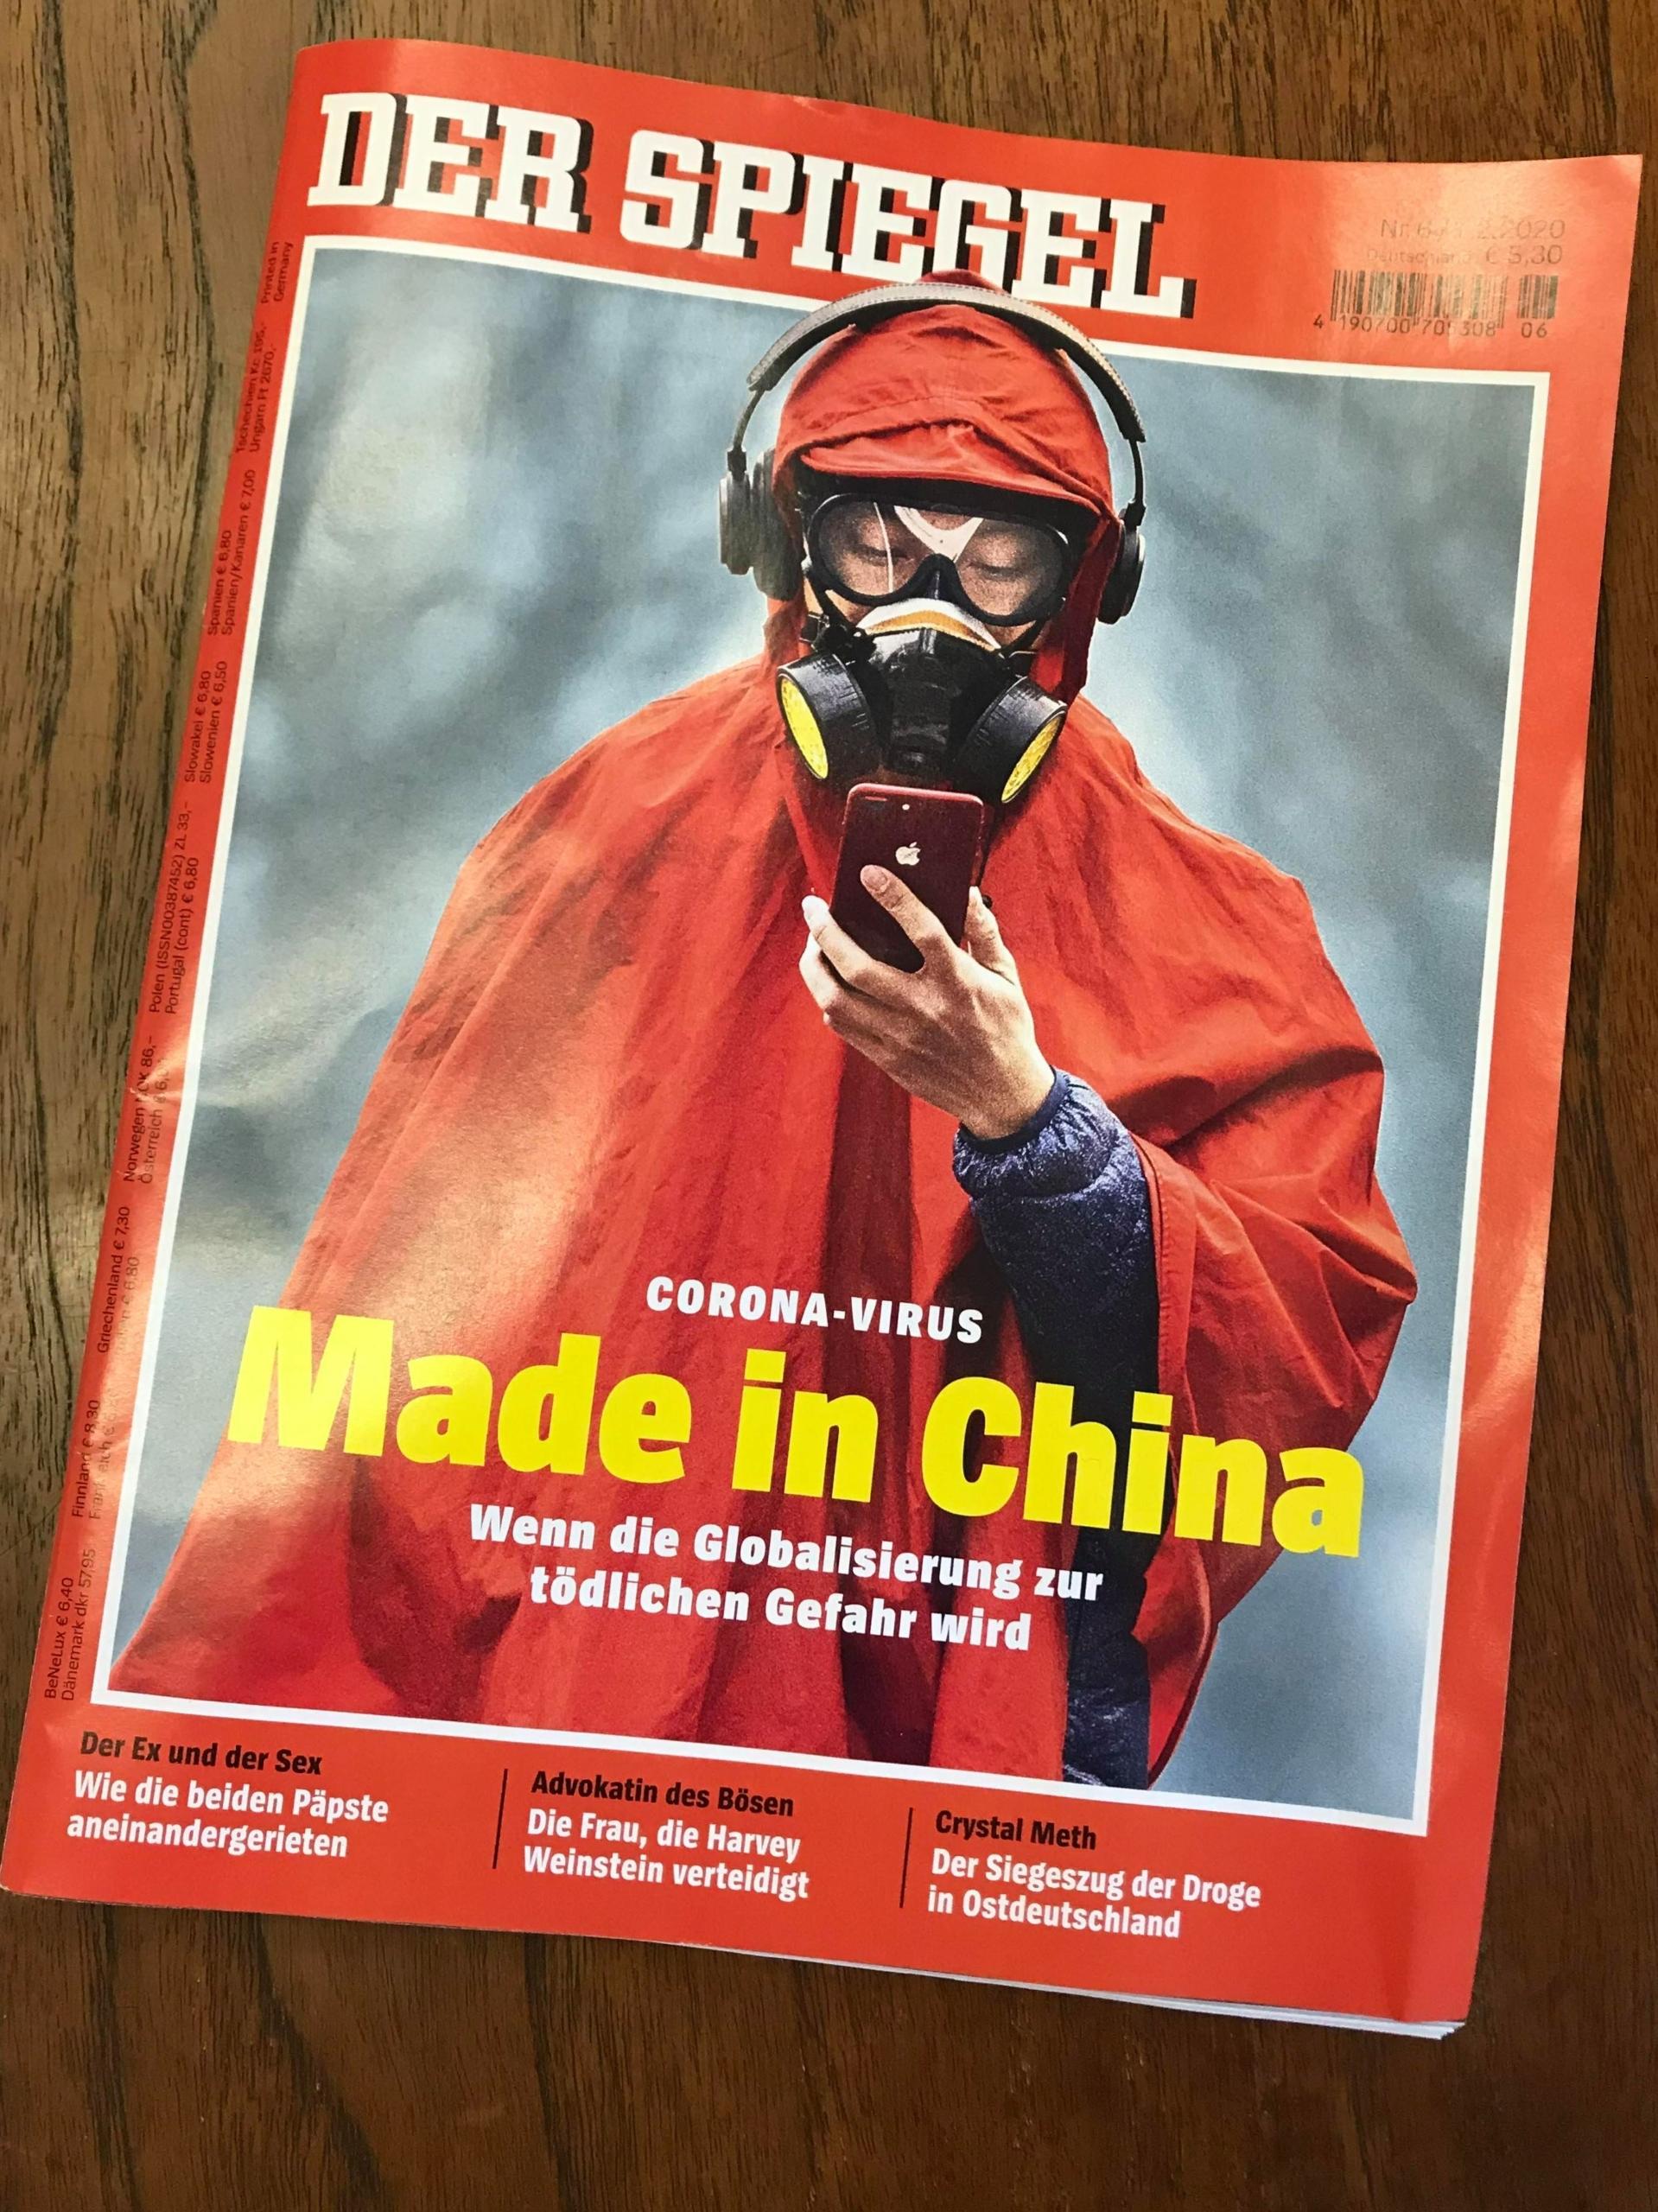 SPIEGEL-Cover, Mann im roten Mantel, Überschrift: Made in China